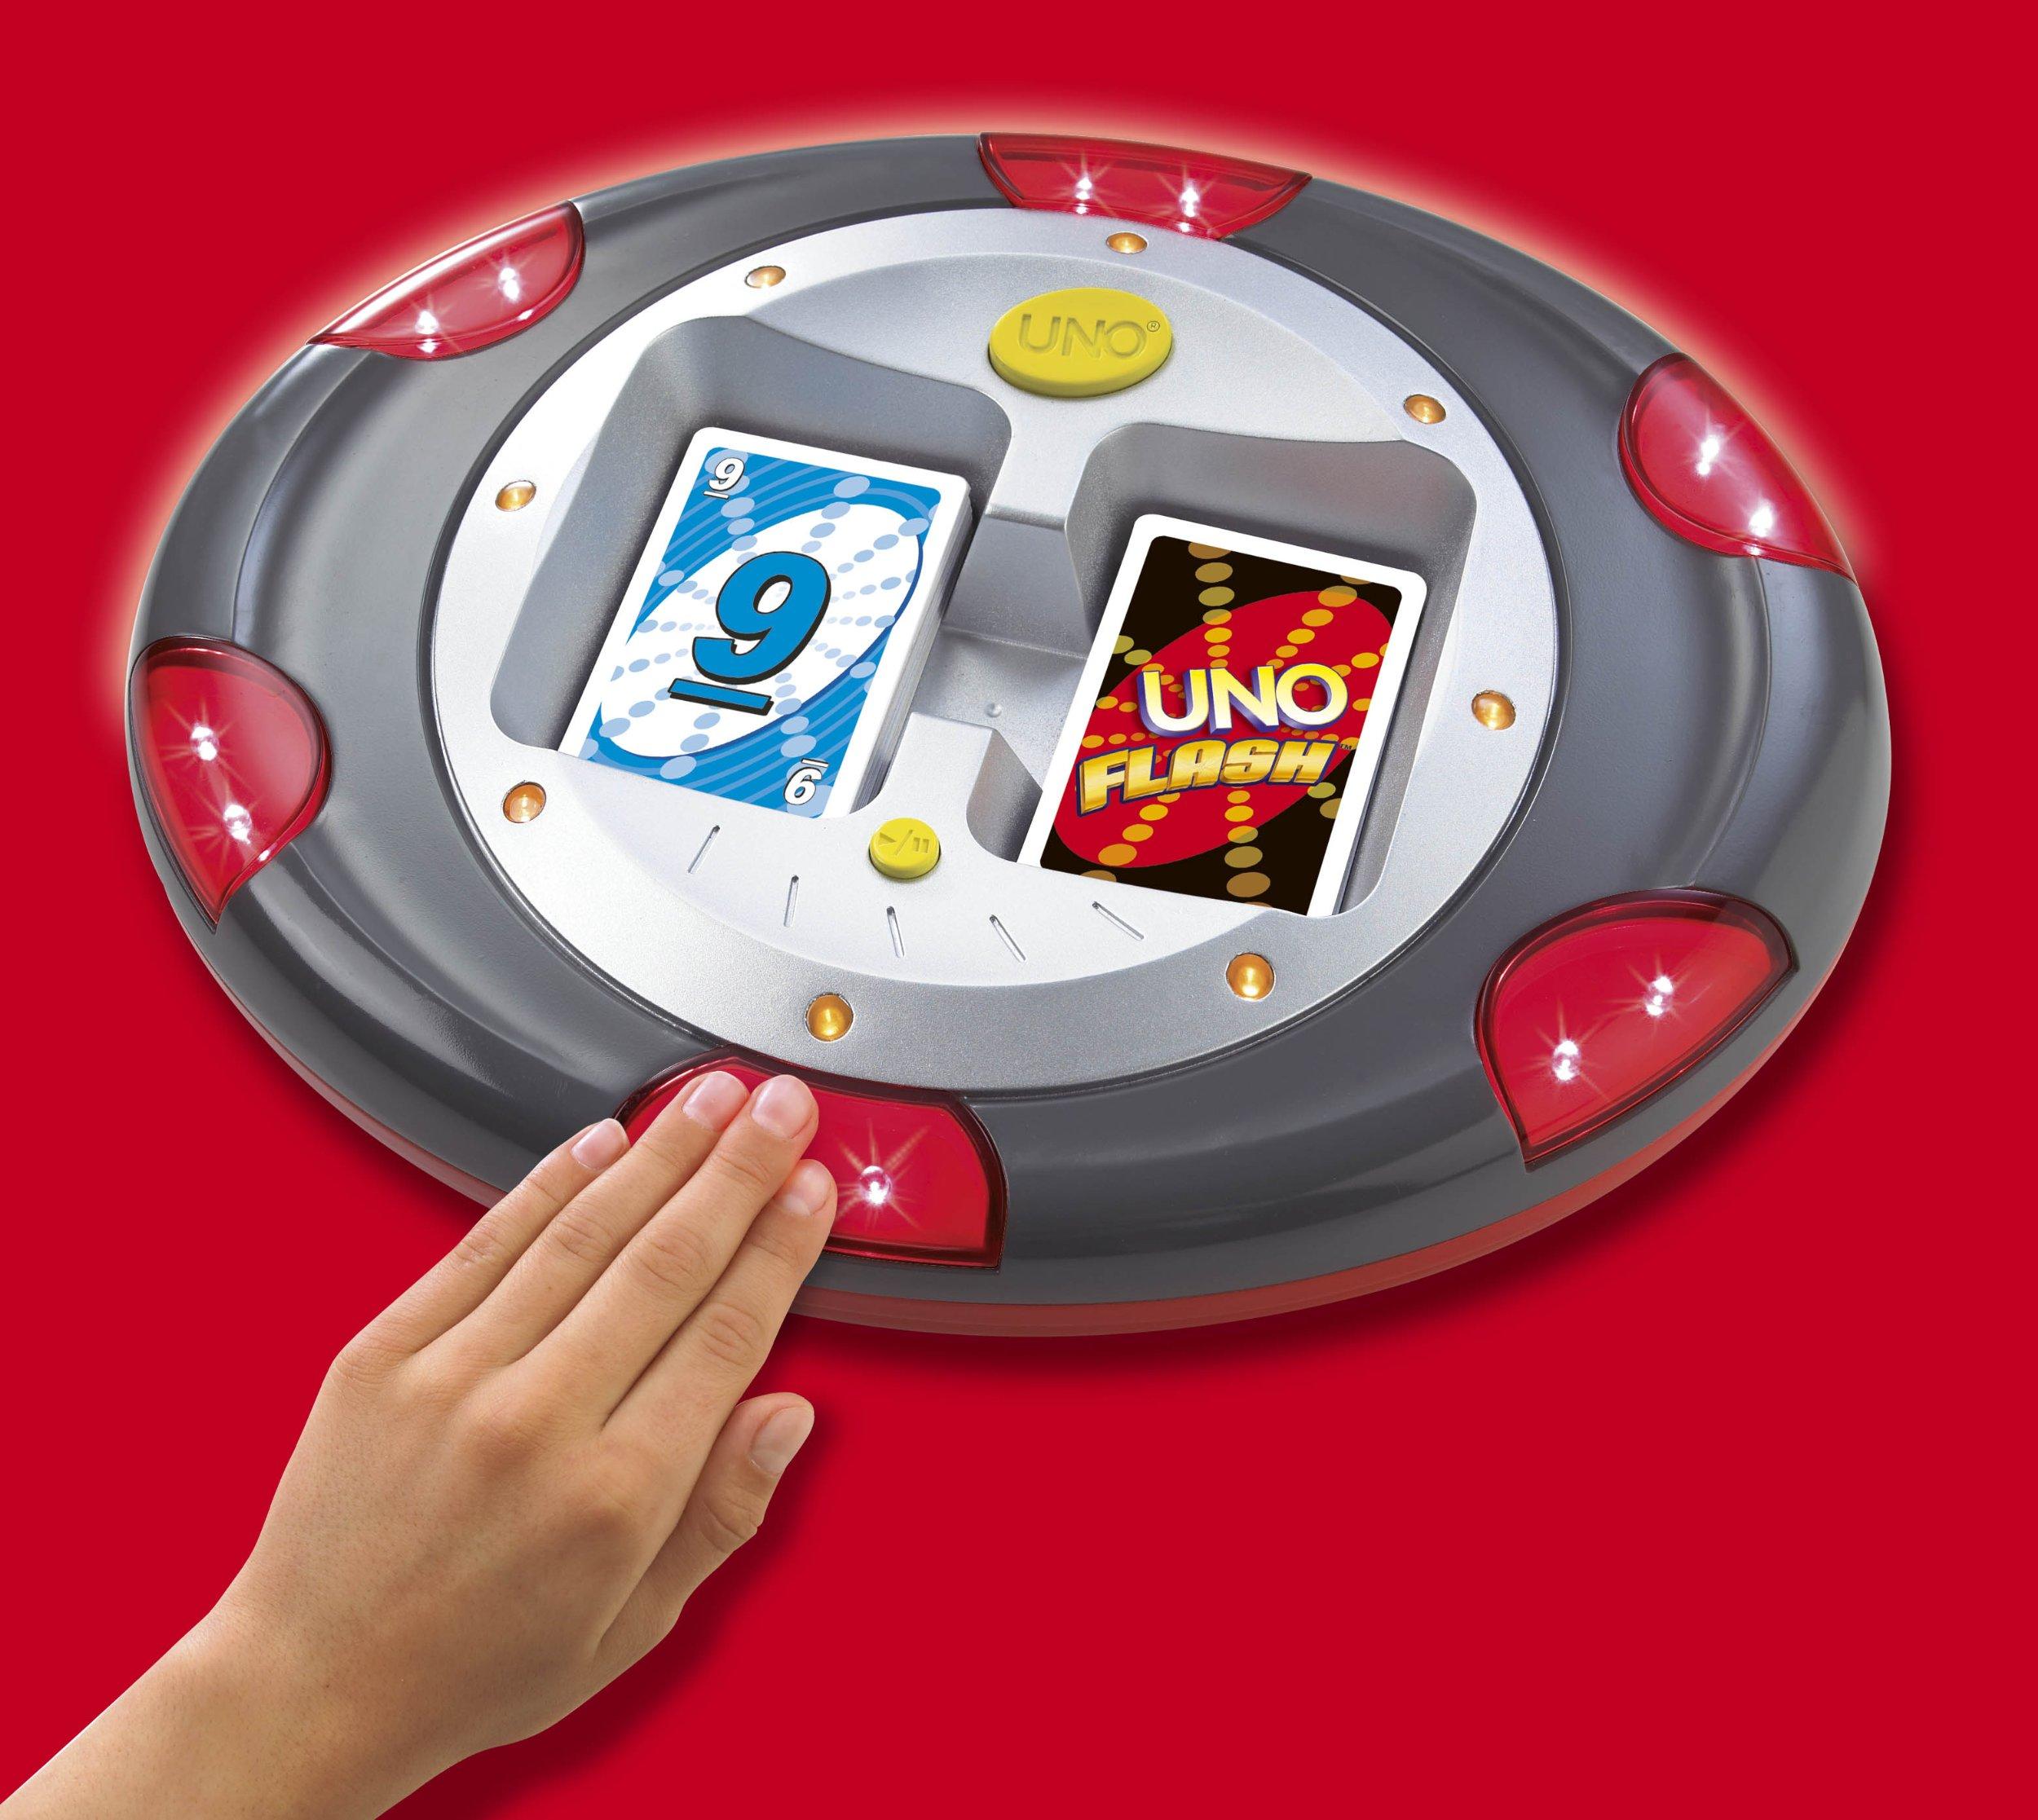 UNO Flash Game by Mattel